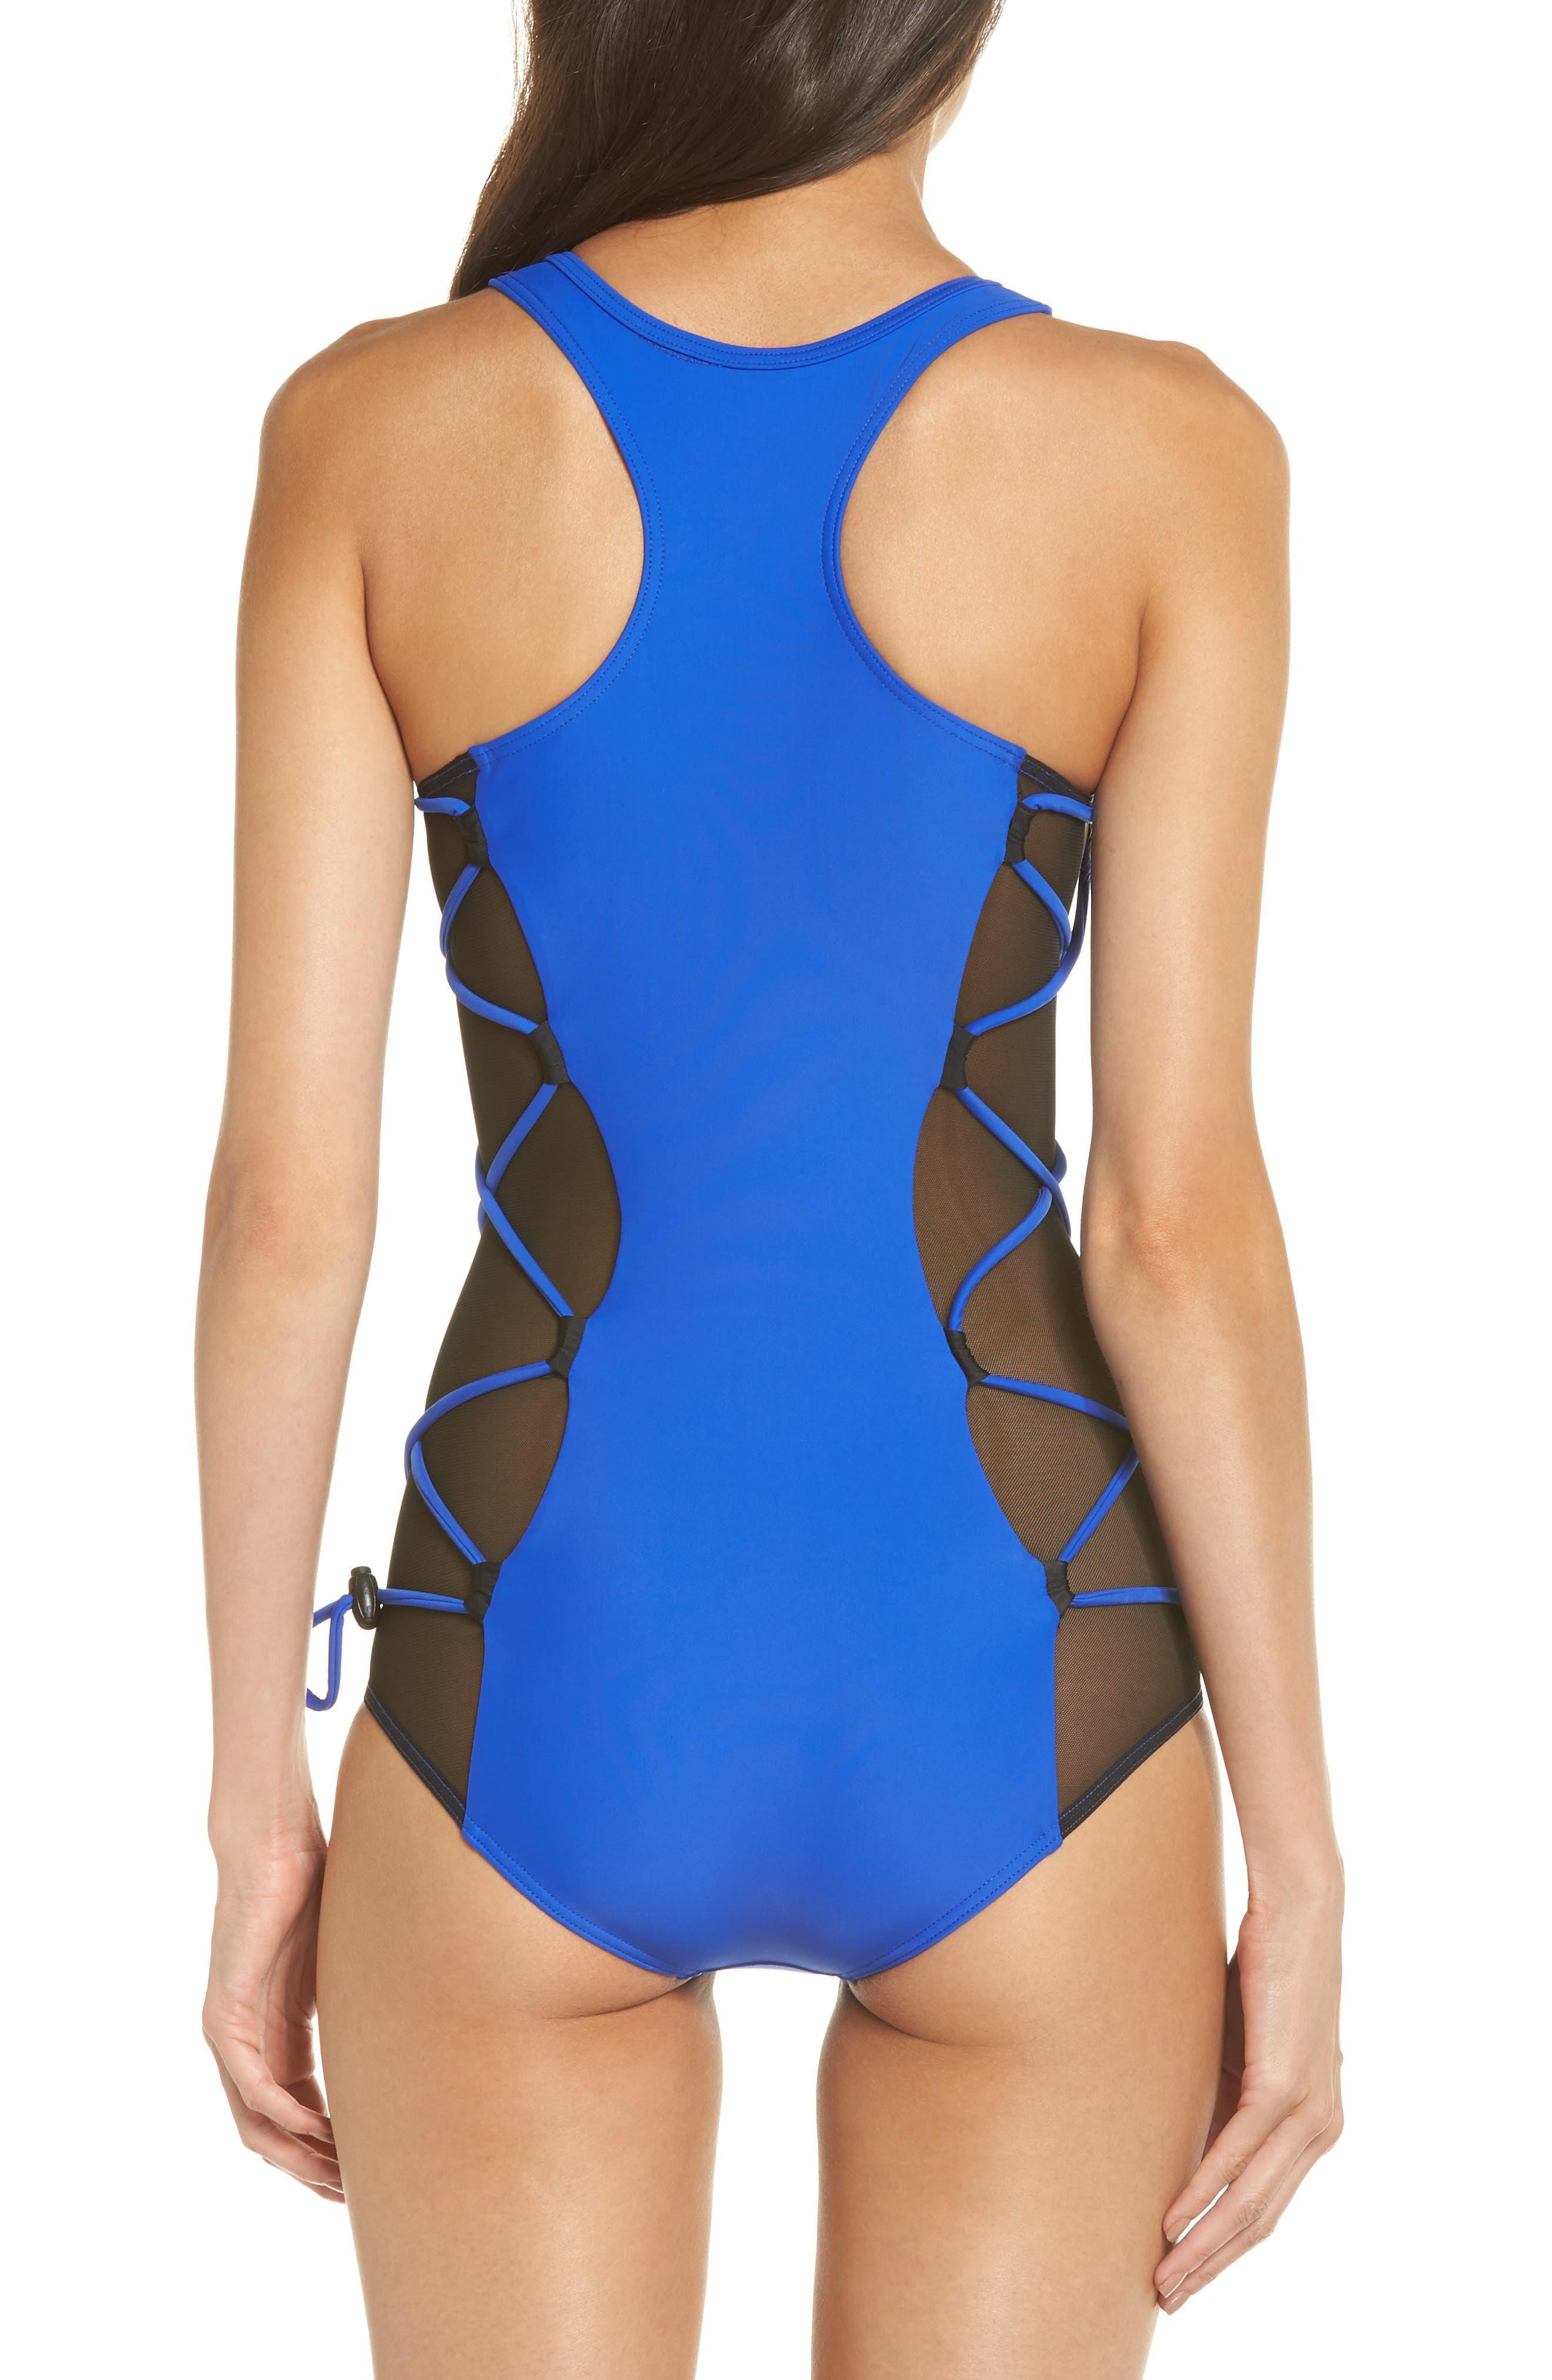 Launch One-Piece Swimsuit,                             Alternate thumbnail 2, color,                             BLUE/ BLACK